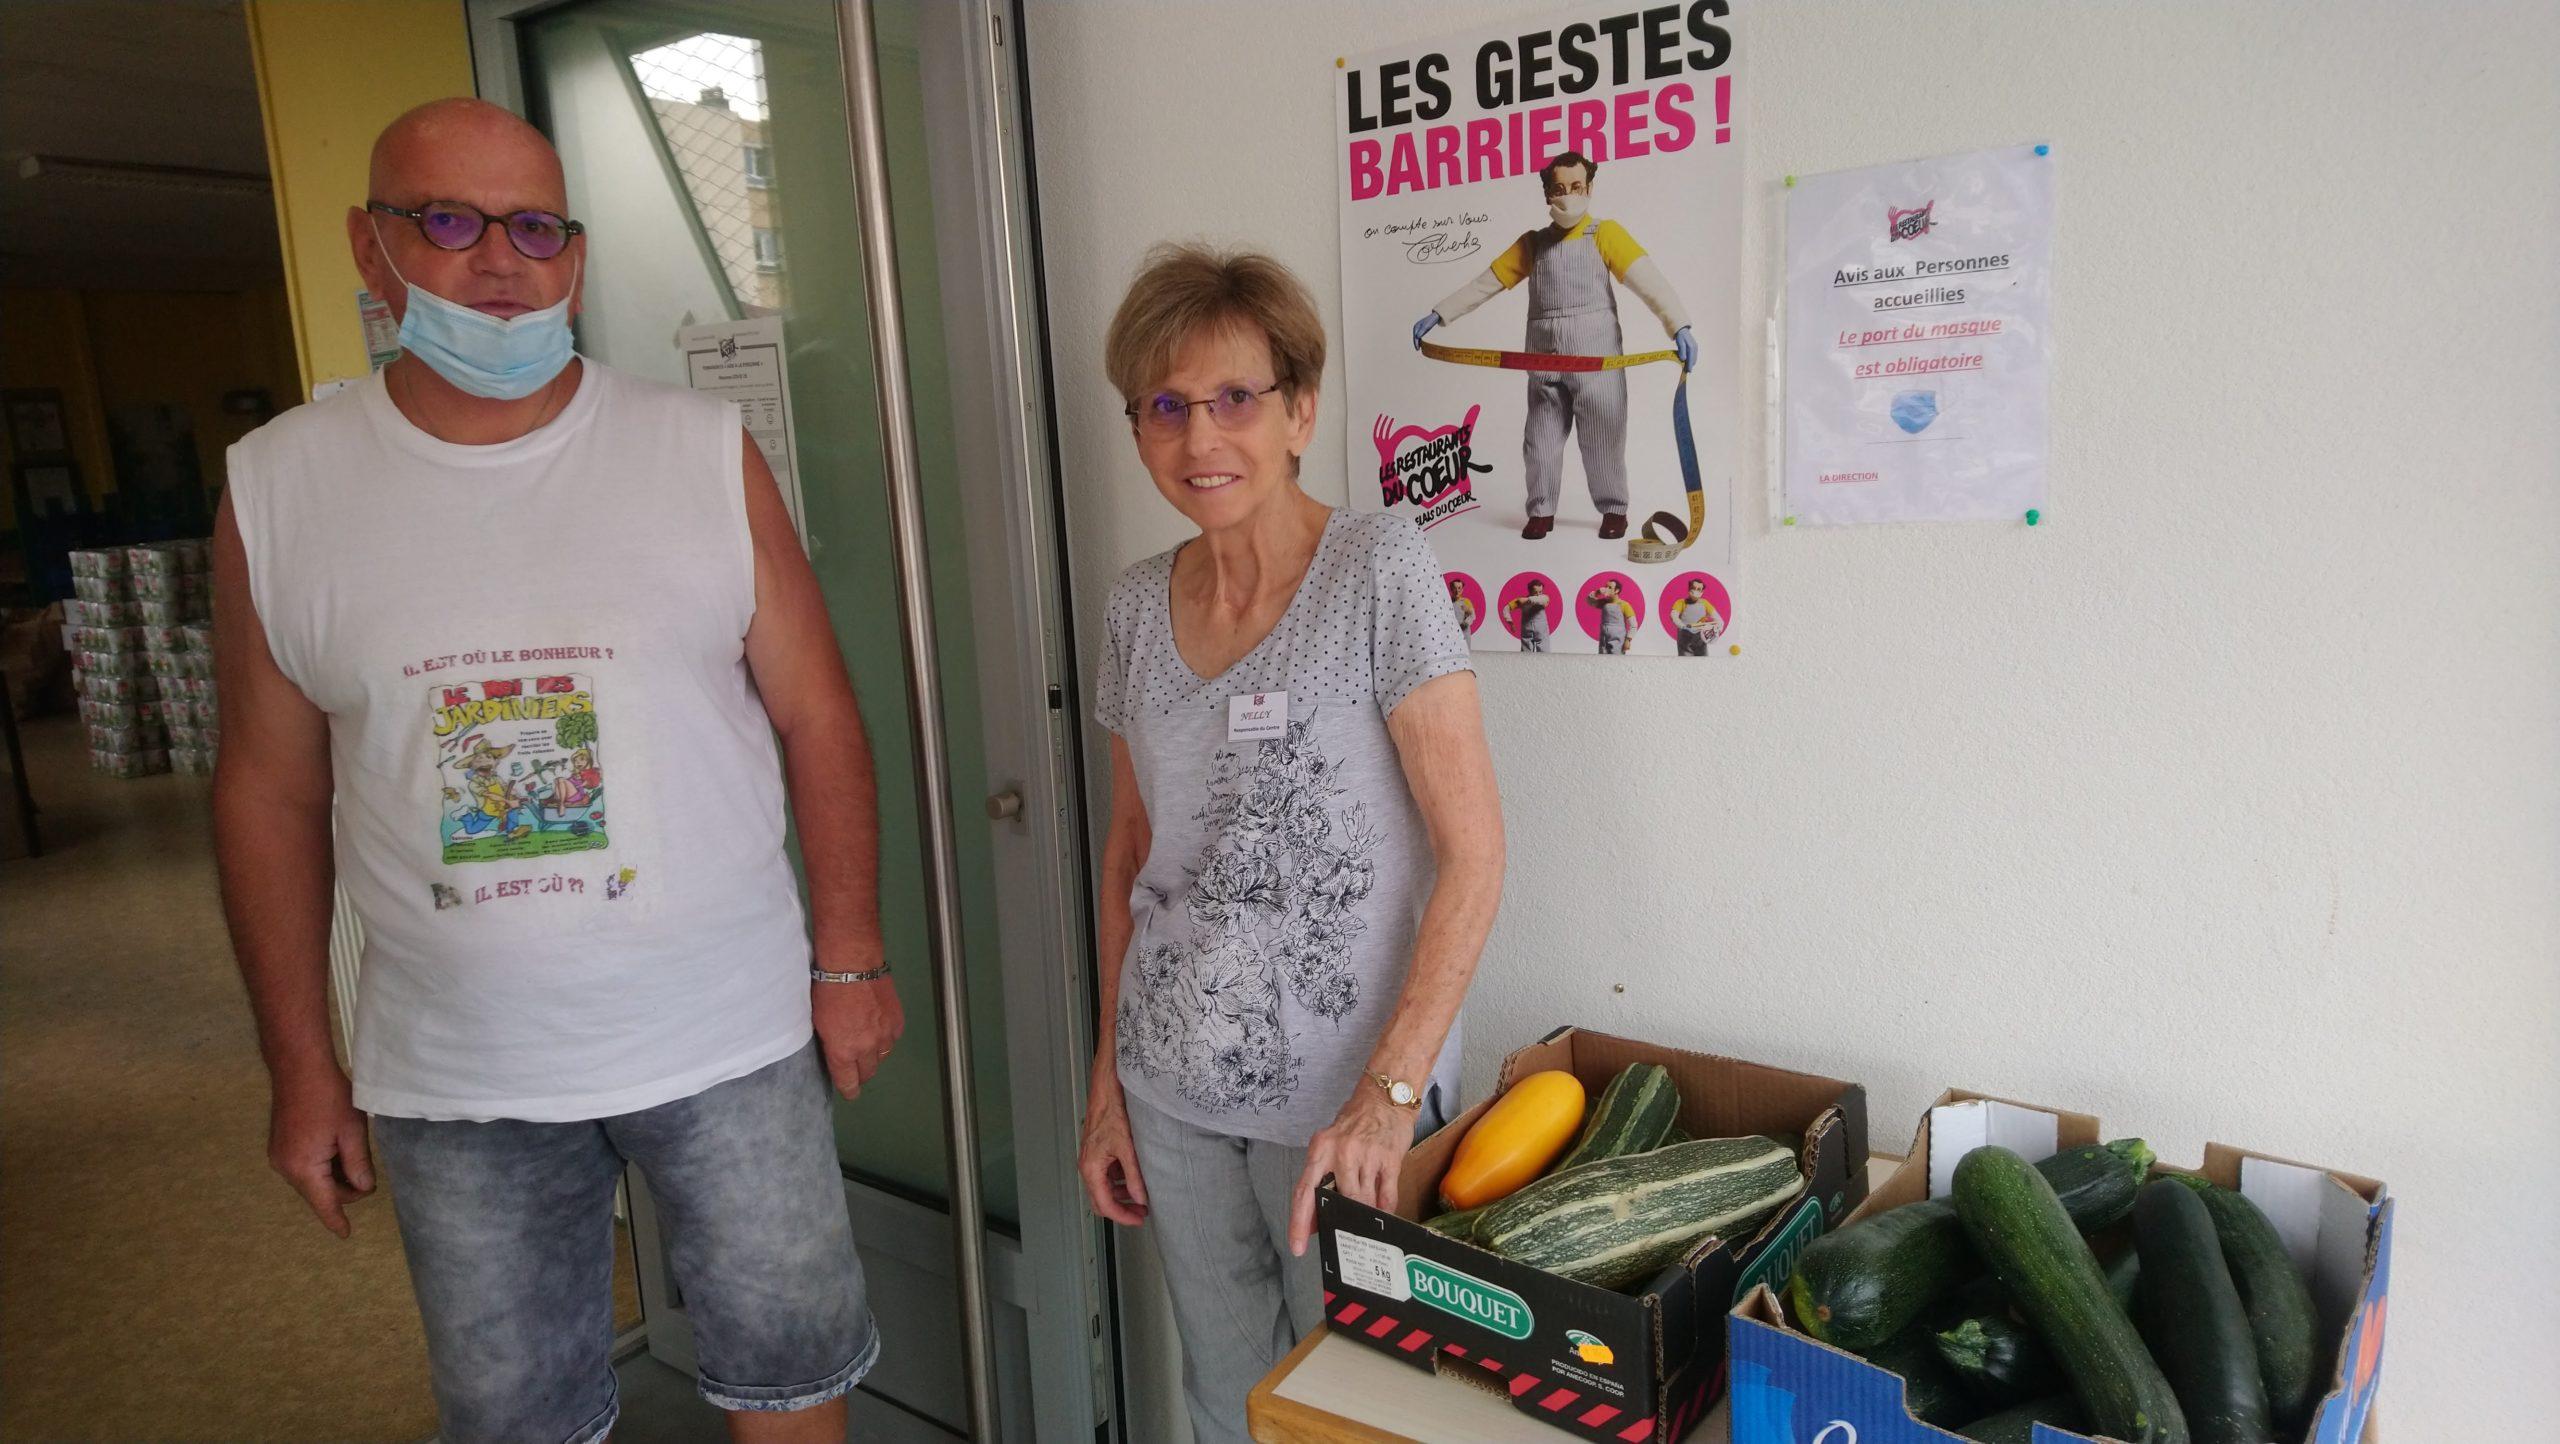 Notre Animateur Michel remettant les légumes à la responsable du site AD21 - 1, rue Morel Retz à Dijon pour les Restos du Cœur